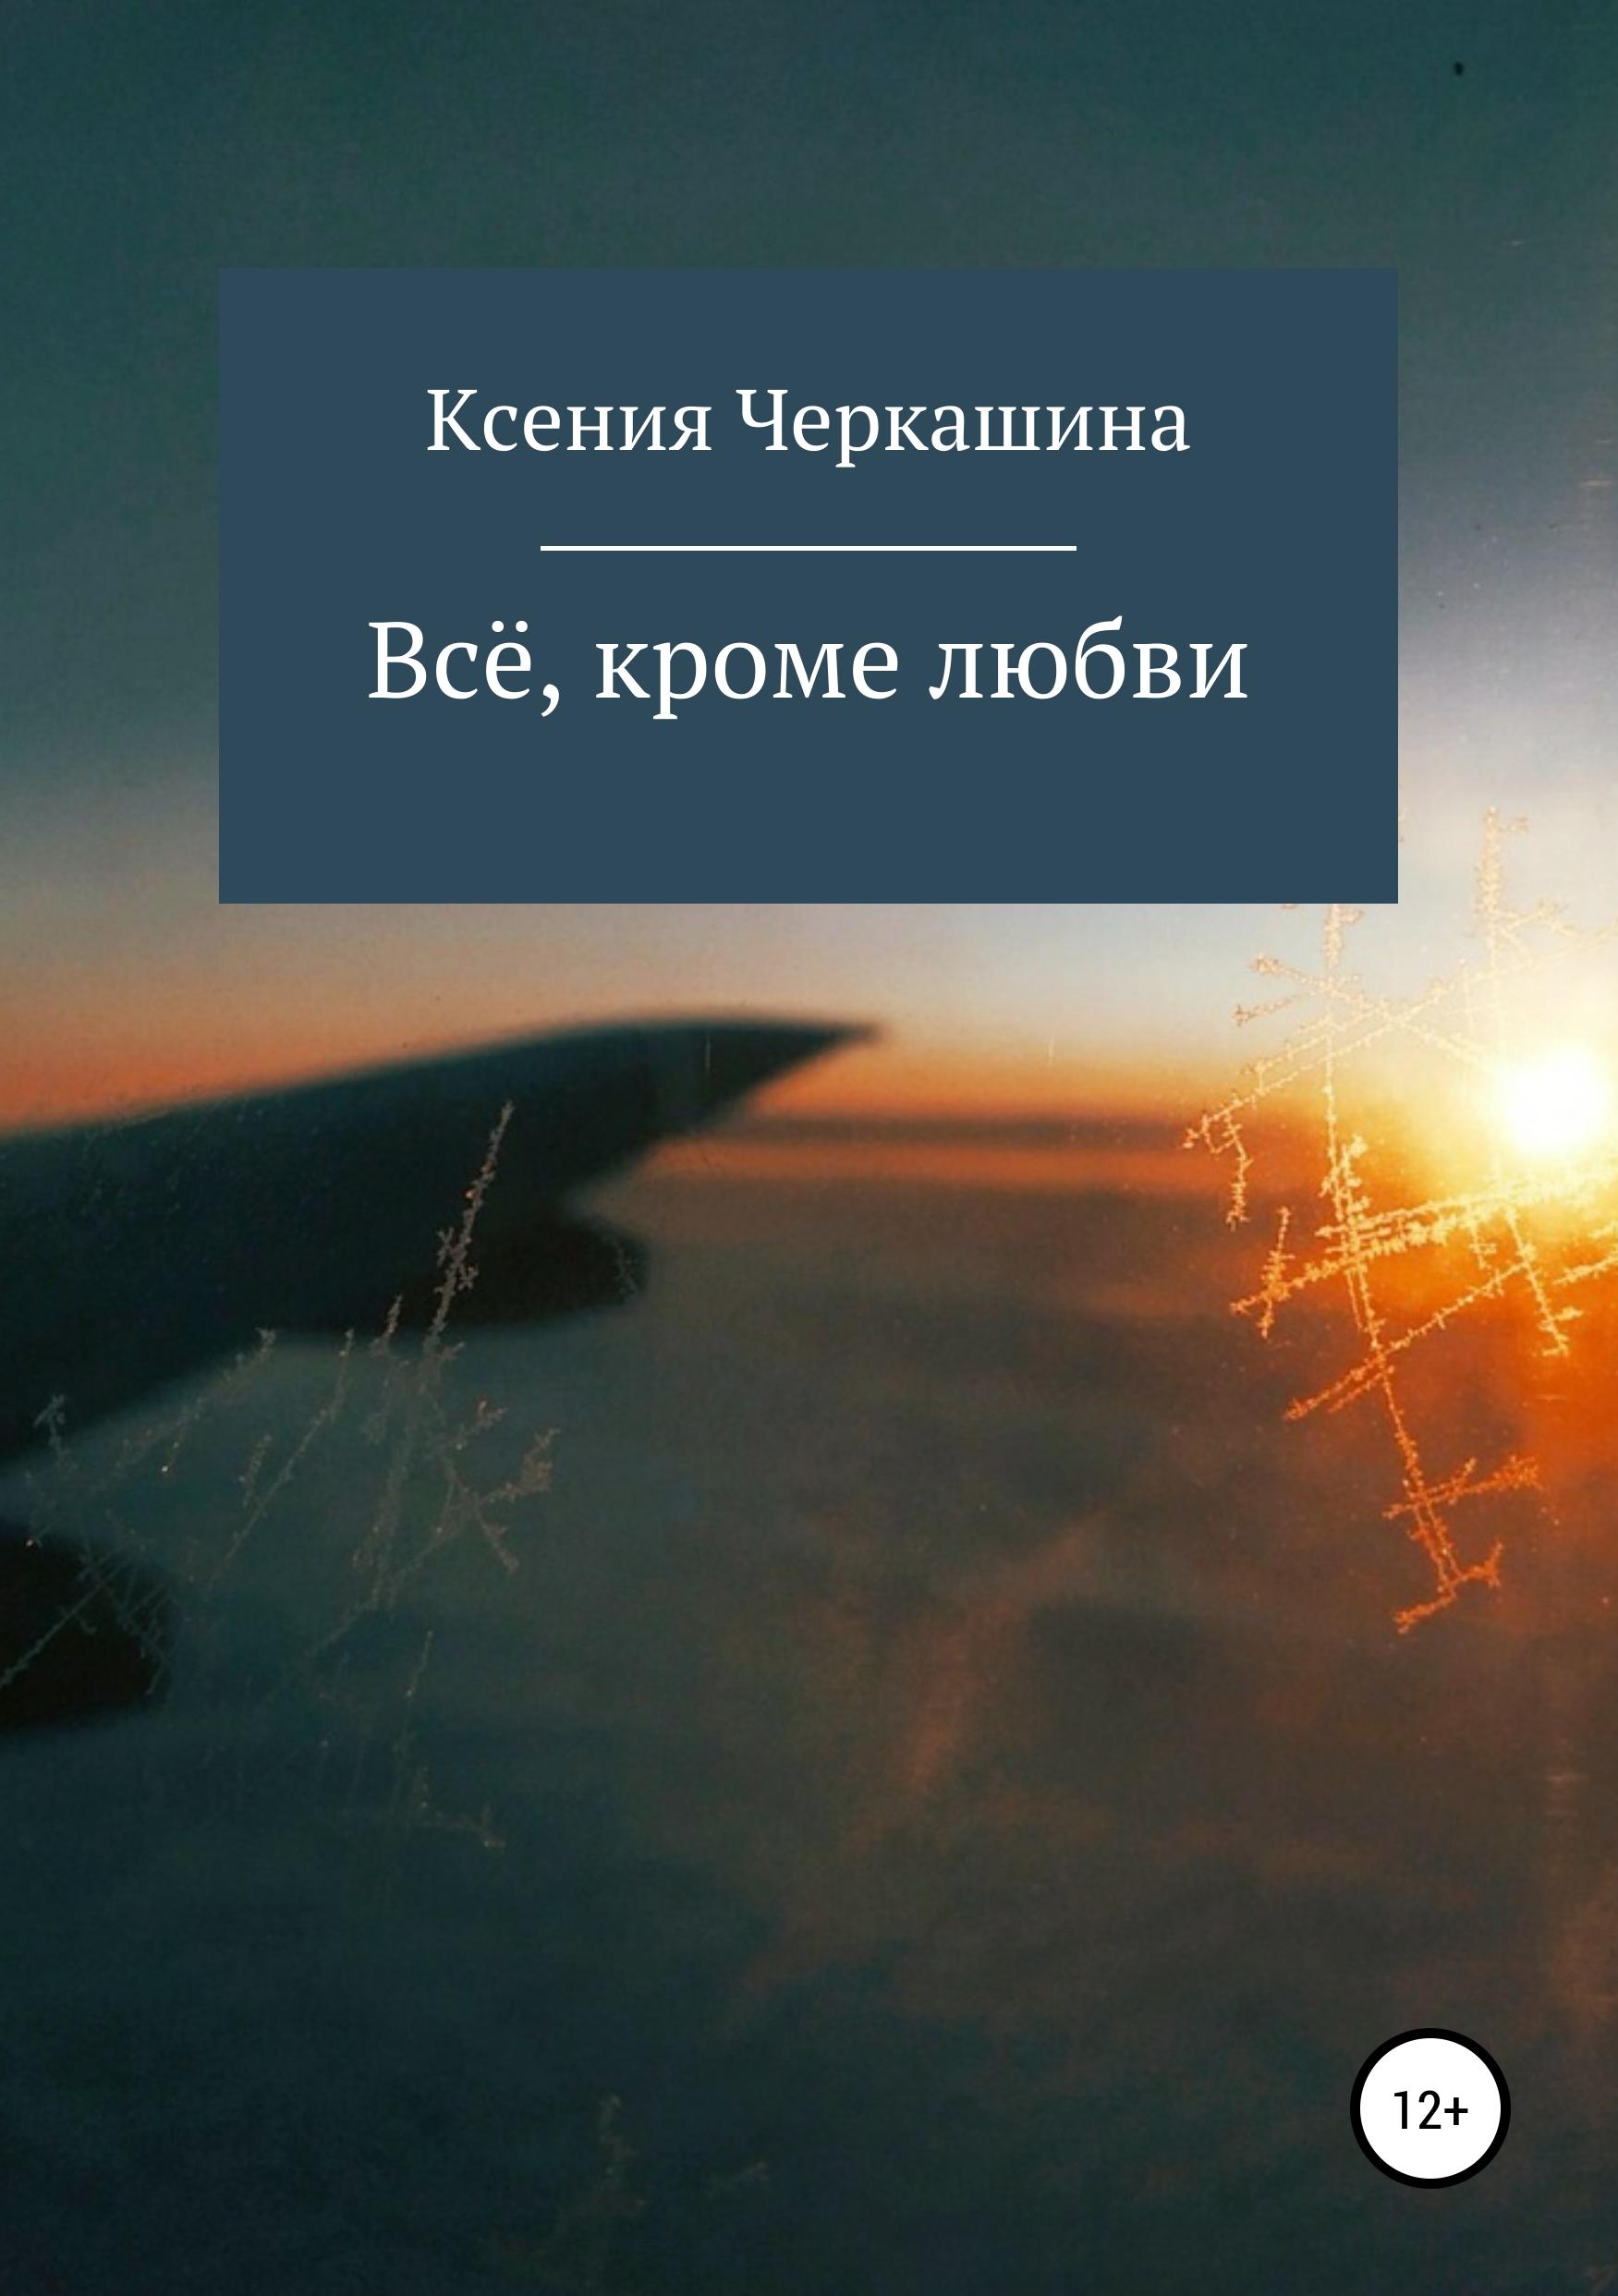 цена на Ксения Черкашина Всё, кроме любви